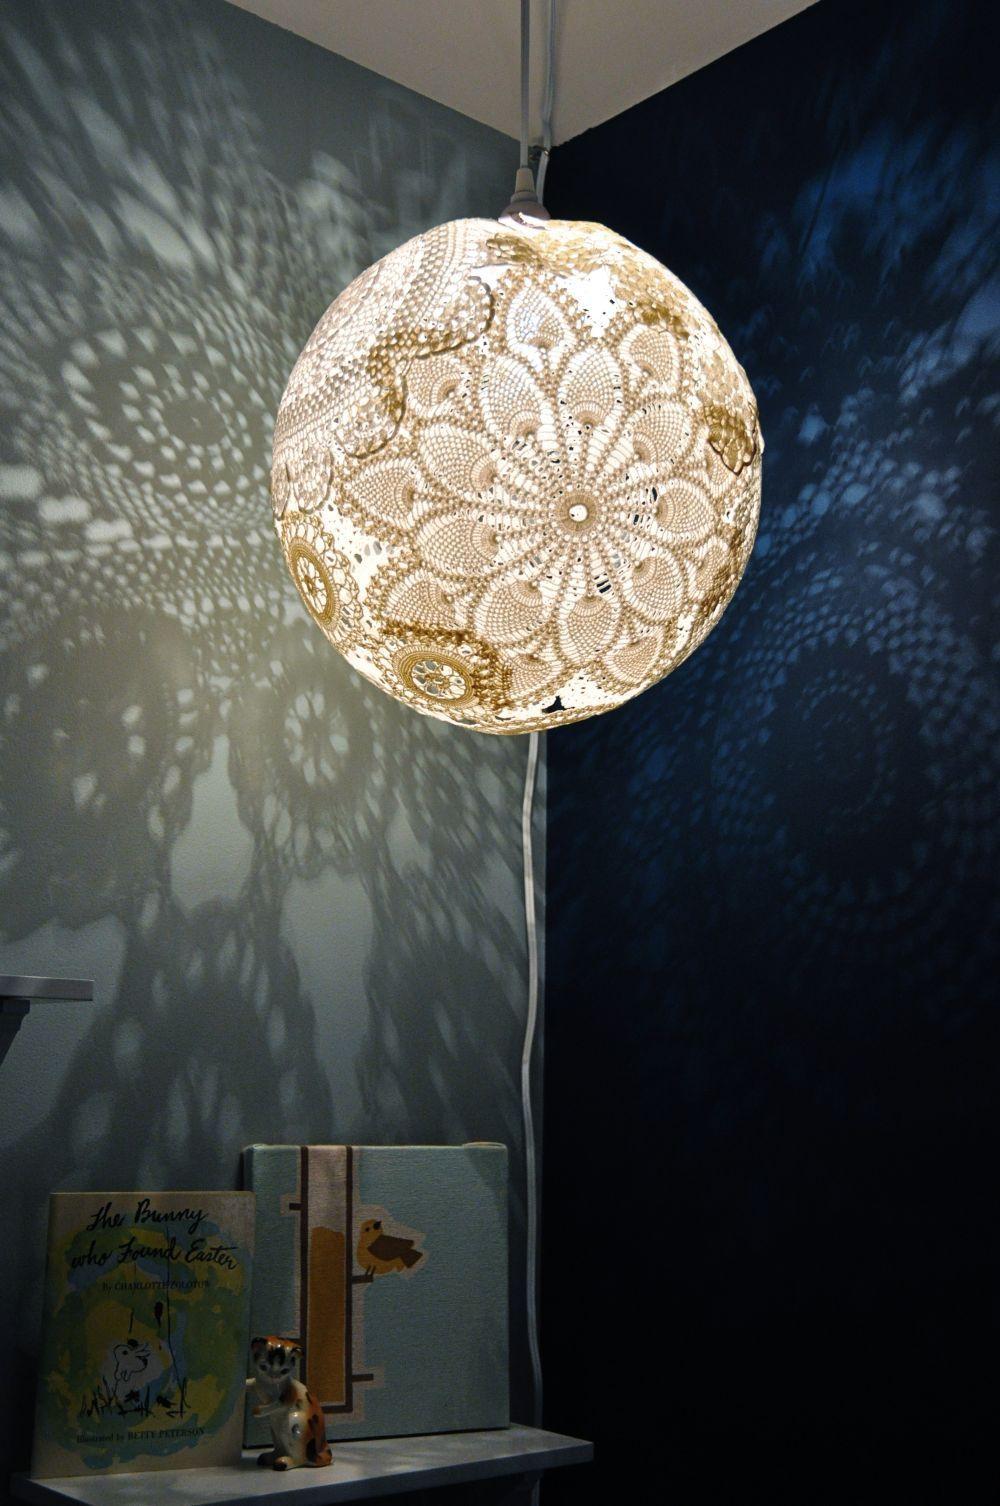 Diy Lampenschirm Ideen Die Besten Und Hellsten Haus Styling Besten Die Diy Diylamp In 2020 Lampen Basteln Lampen Selber Machen Kronleuchter Selbst Bauen